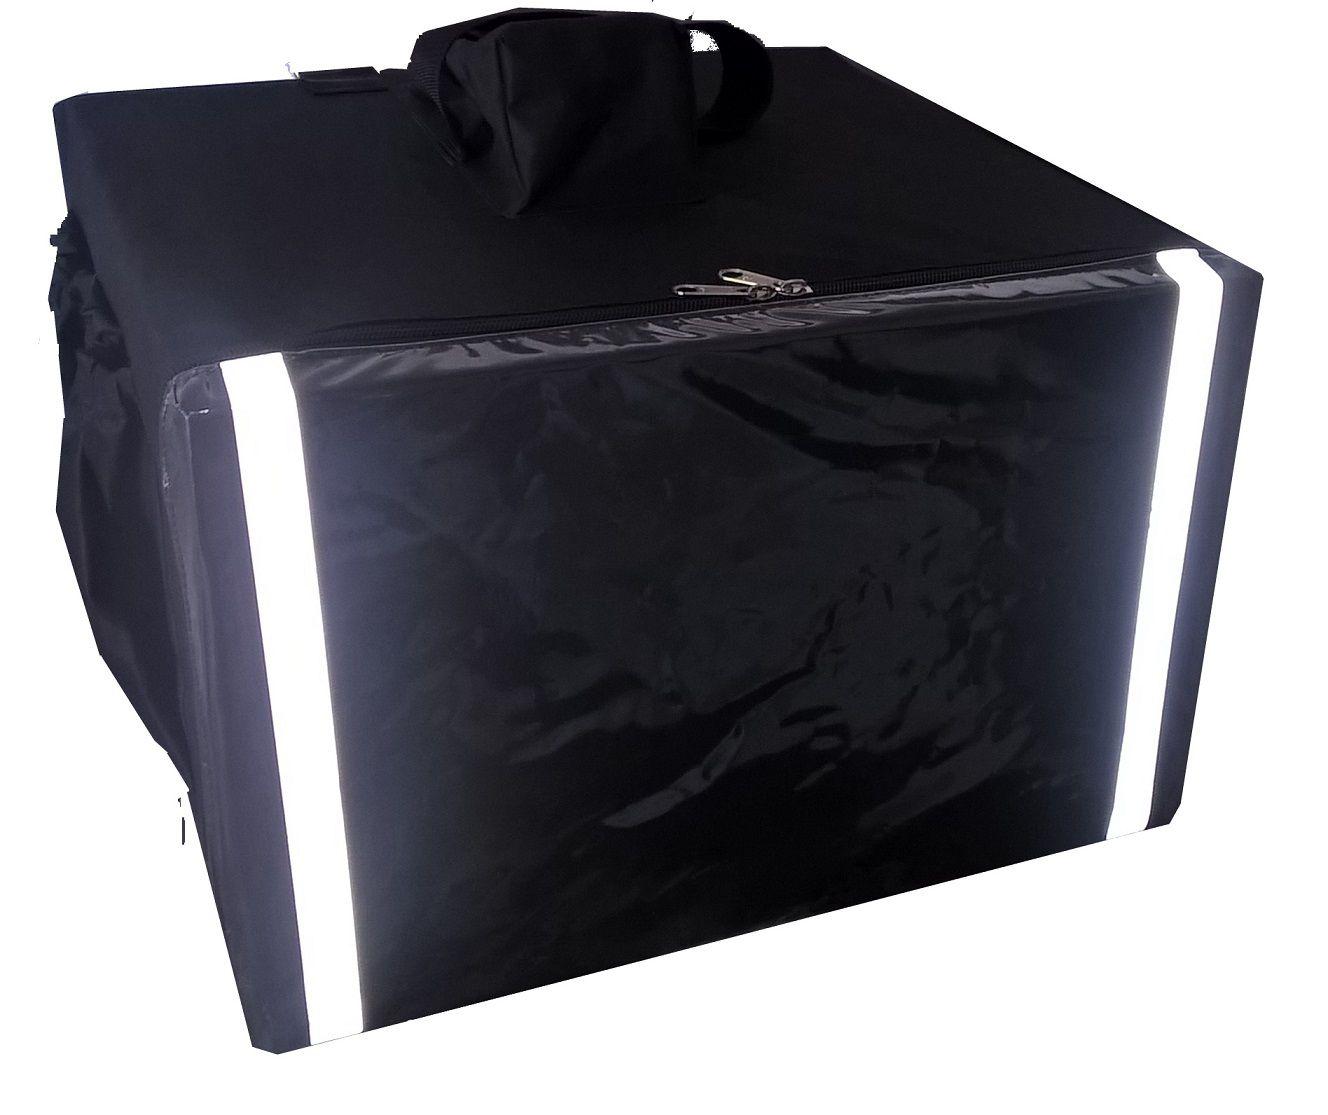 Bolsa Mochila Para Entrega De Pizza Térmica Motoboy Com Caixa de Isopor 3 Divisórias Revestida com Alumínio  40cm 44cm 50cm 53cm  - lisandro do amaral